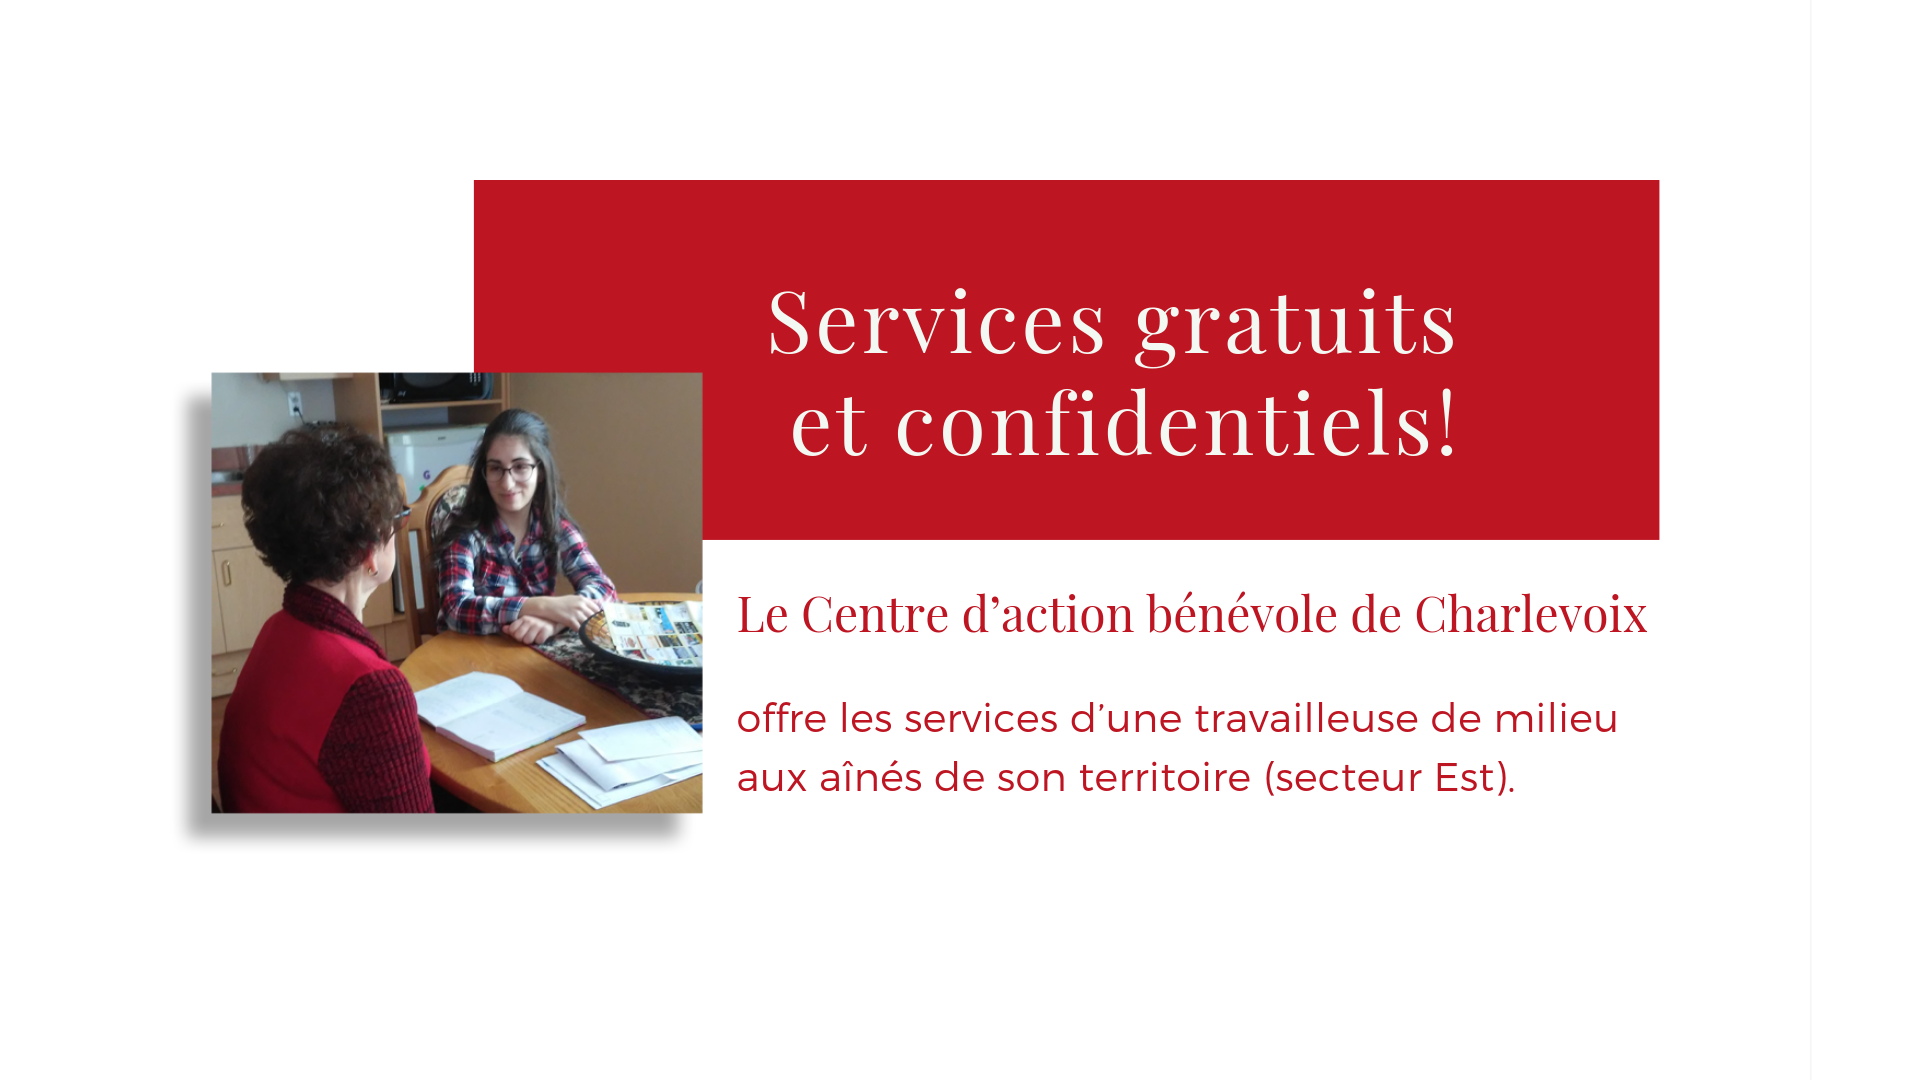 23 service gratuits et confidentiels aines territoire charlevoix